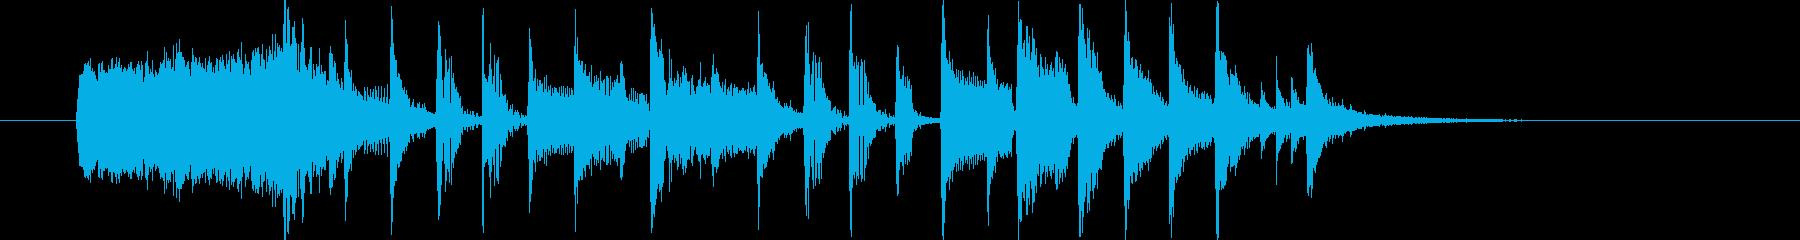 シンセメインのブレイクビーツの再生済みの波形